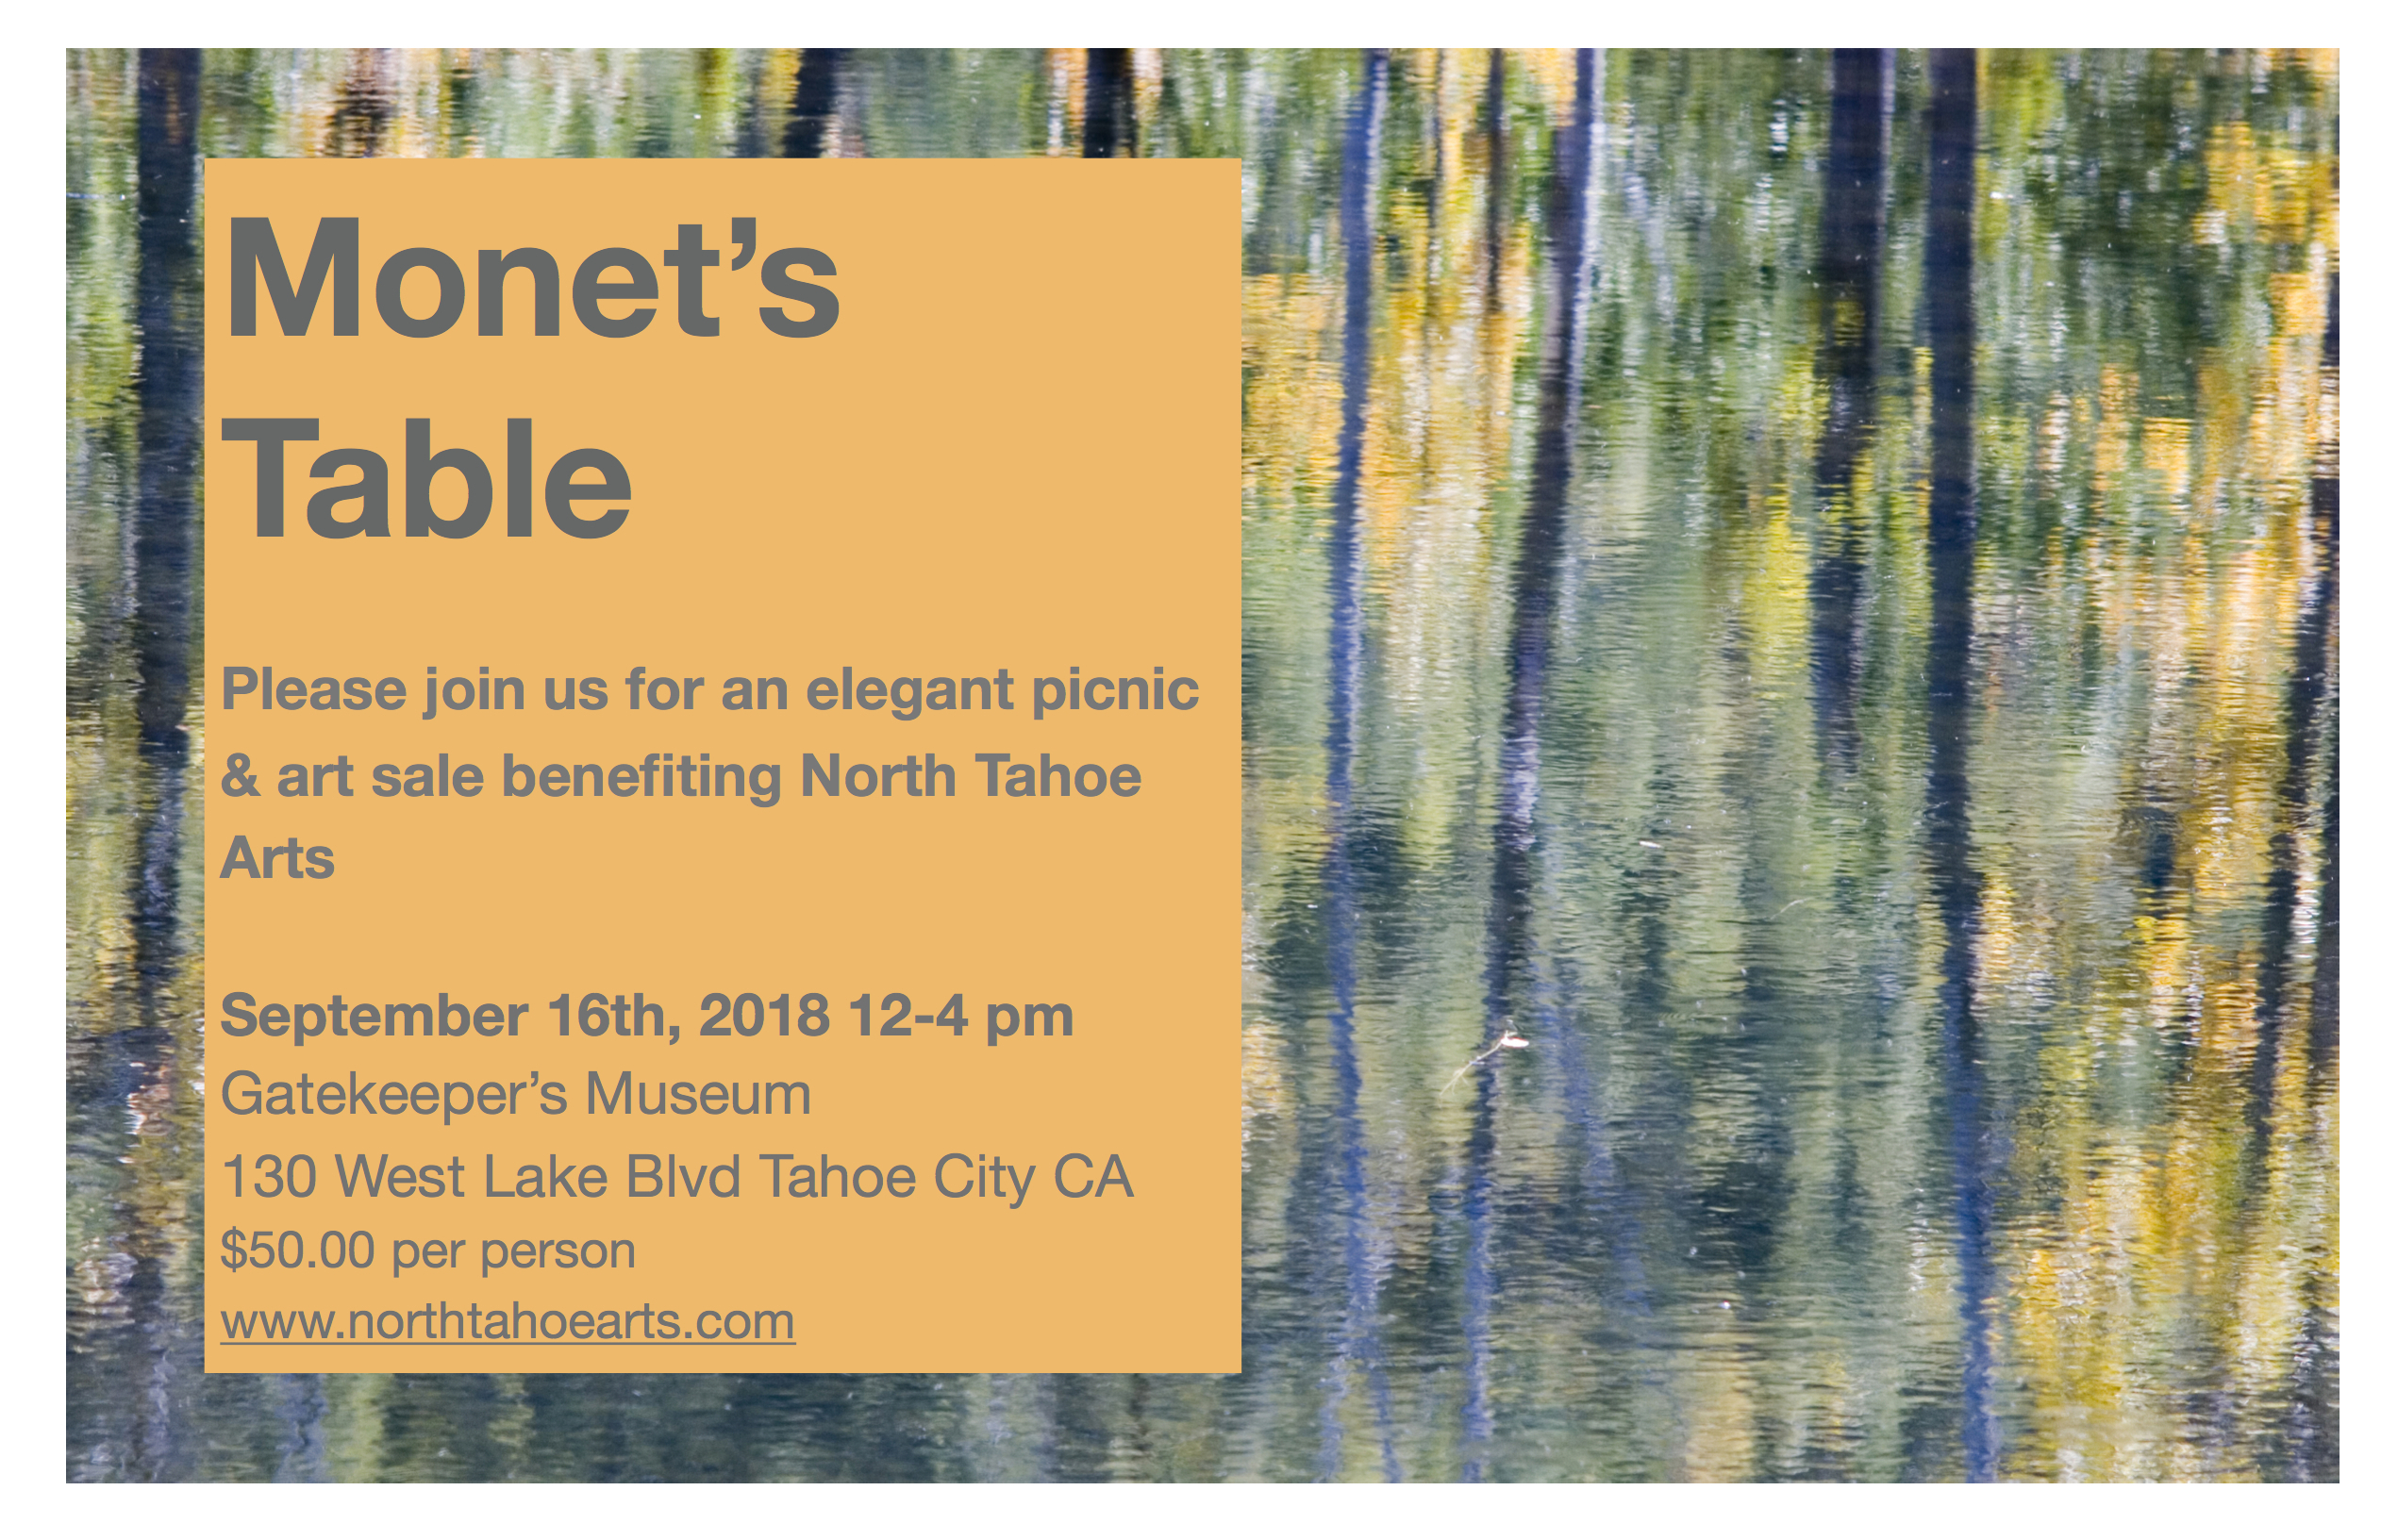 Monet's Table Invite Idea copy 8